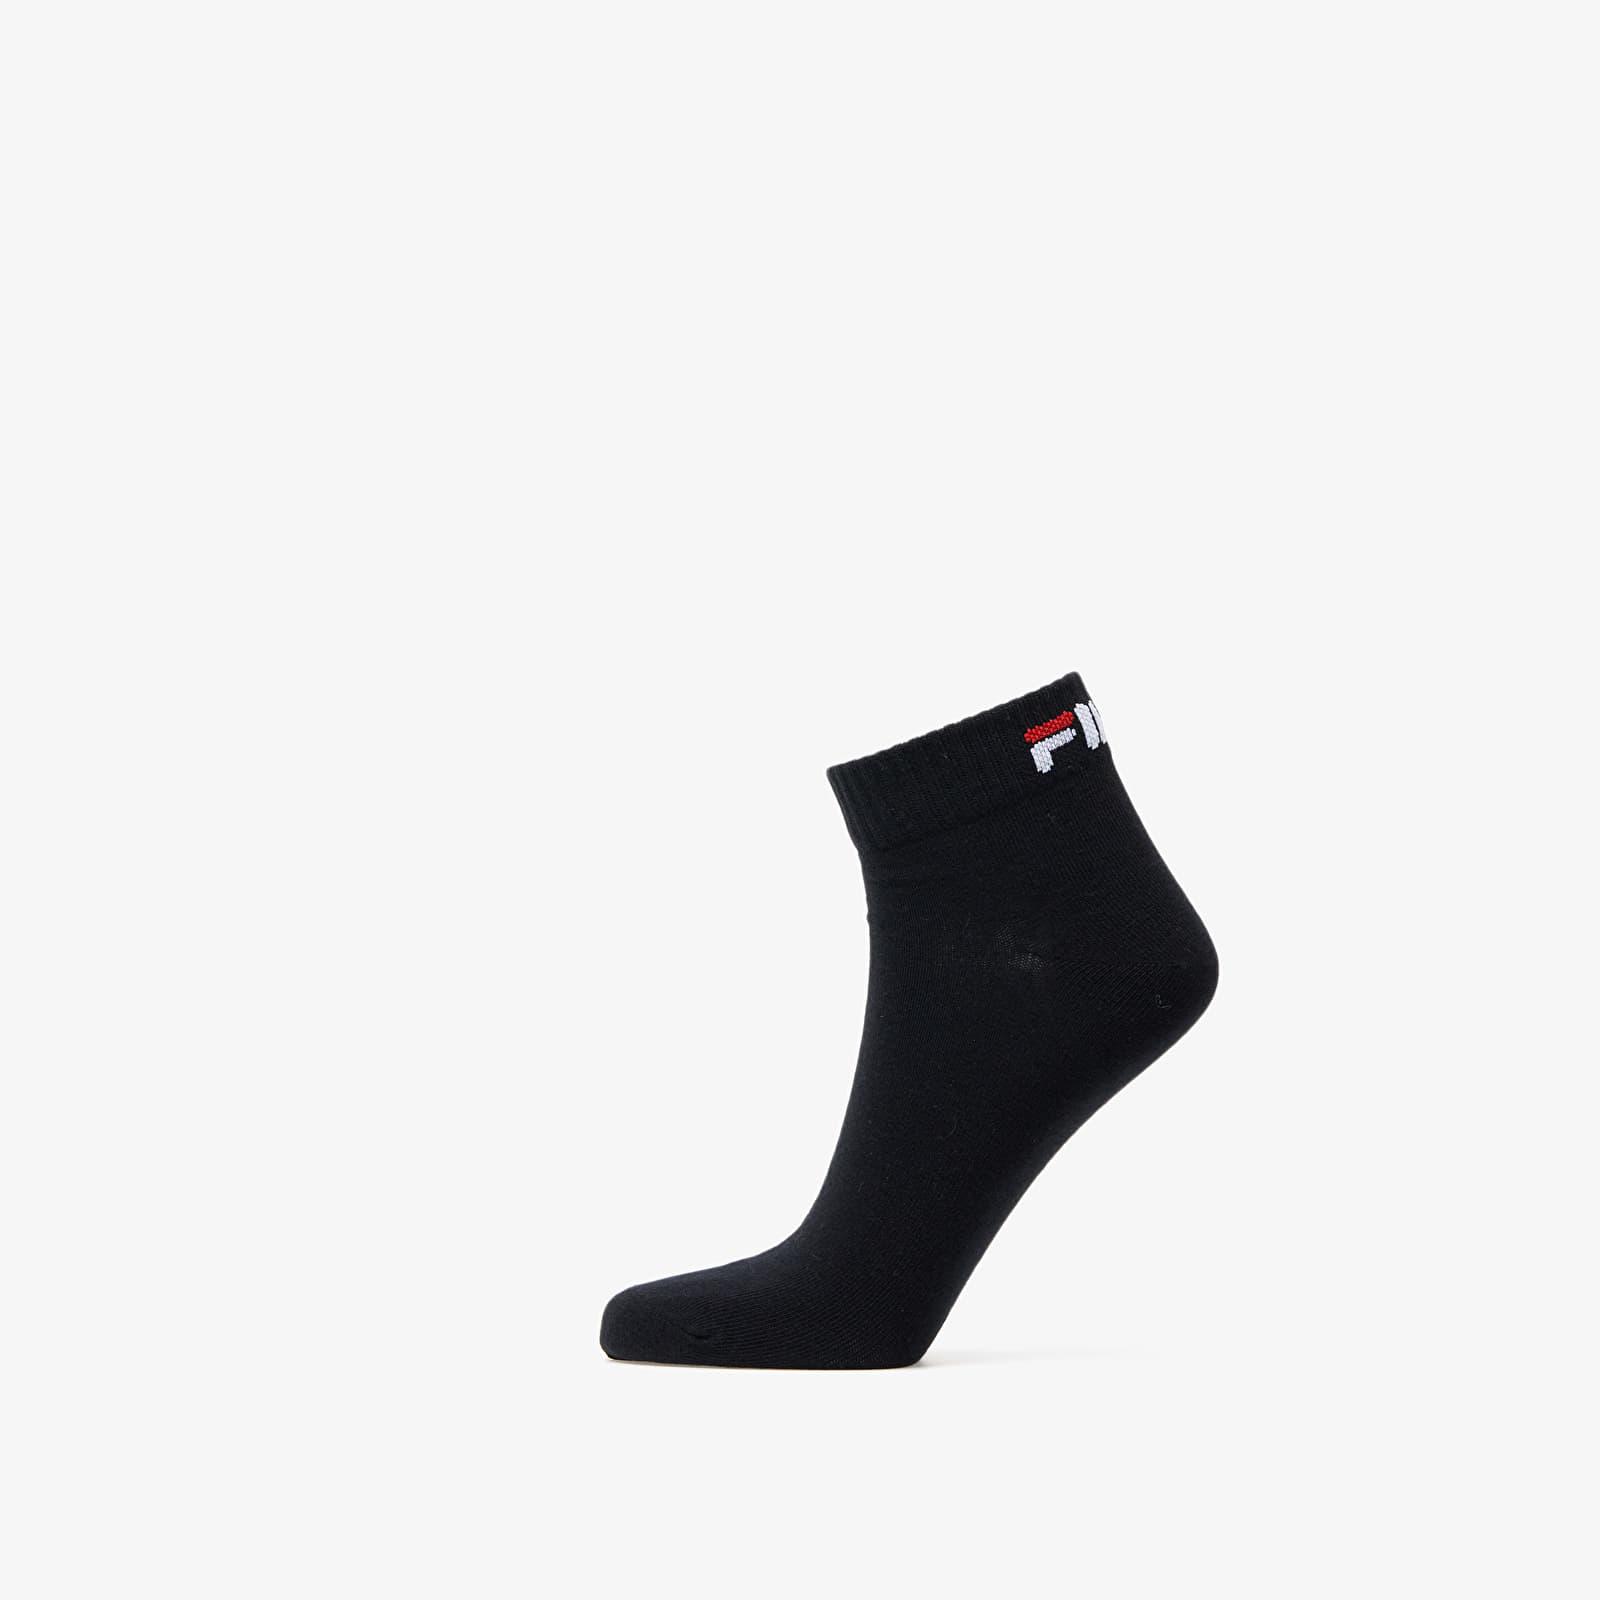 Zoknik FILA Calza Socks Black